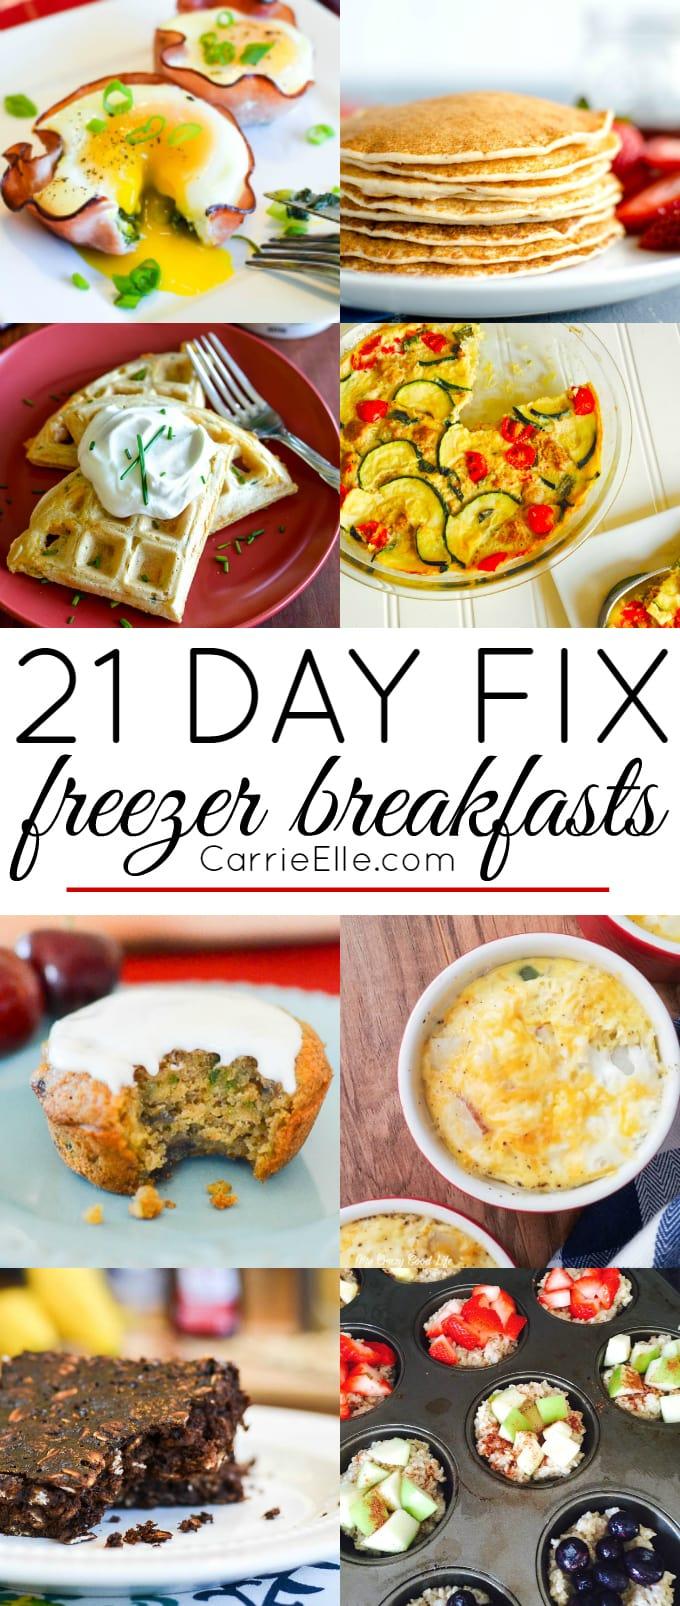 21 Day Fix Freezer Breakfasts